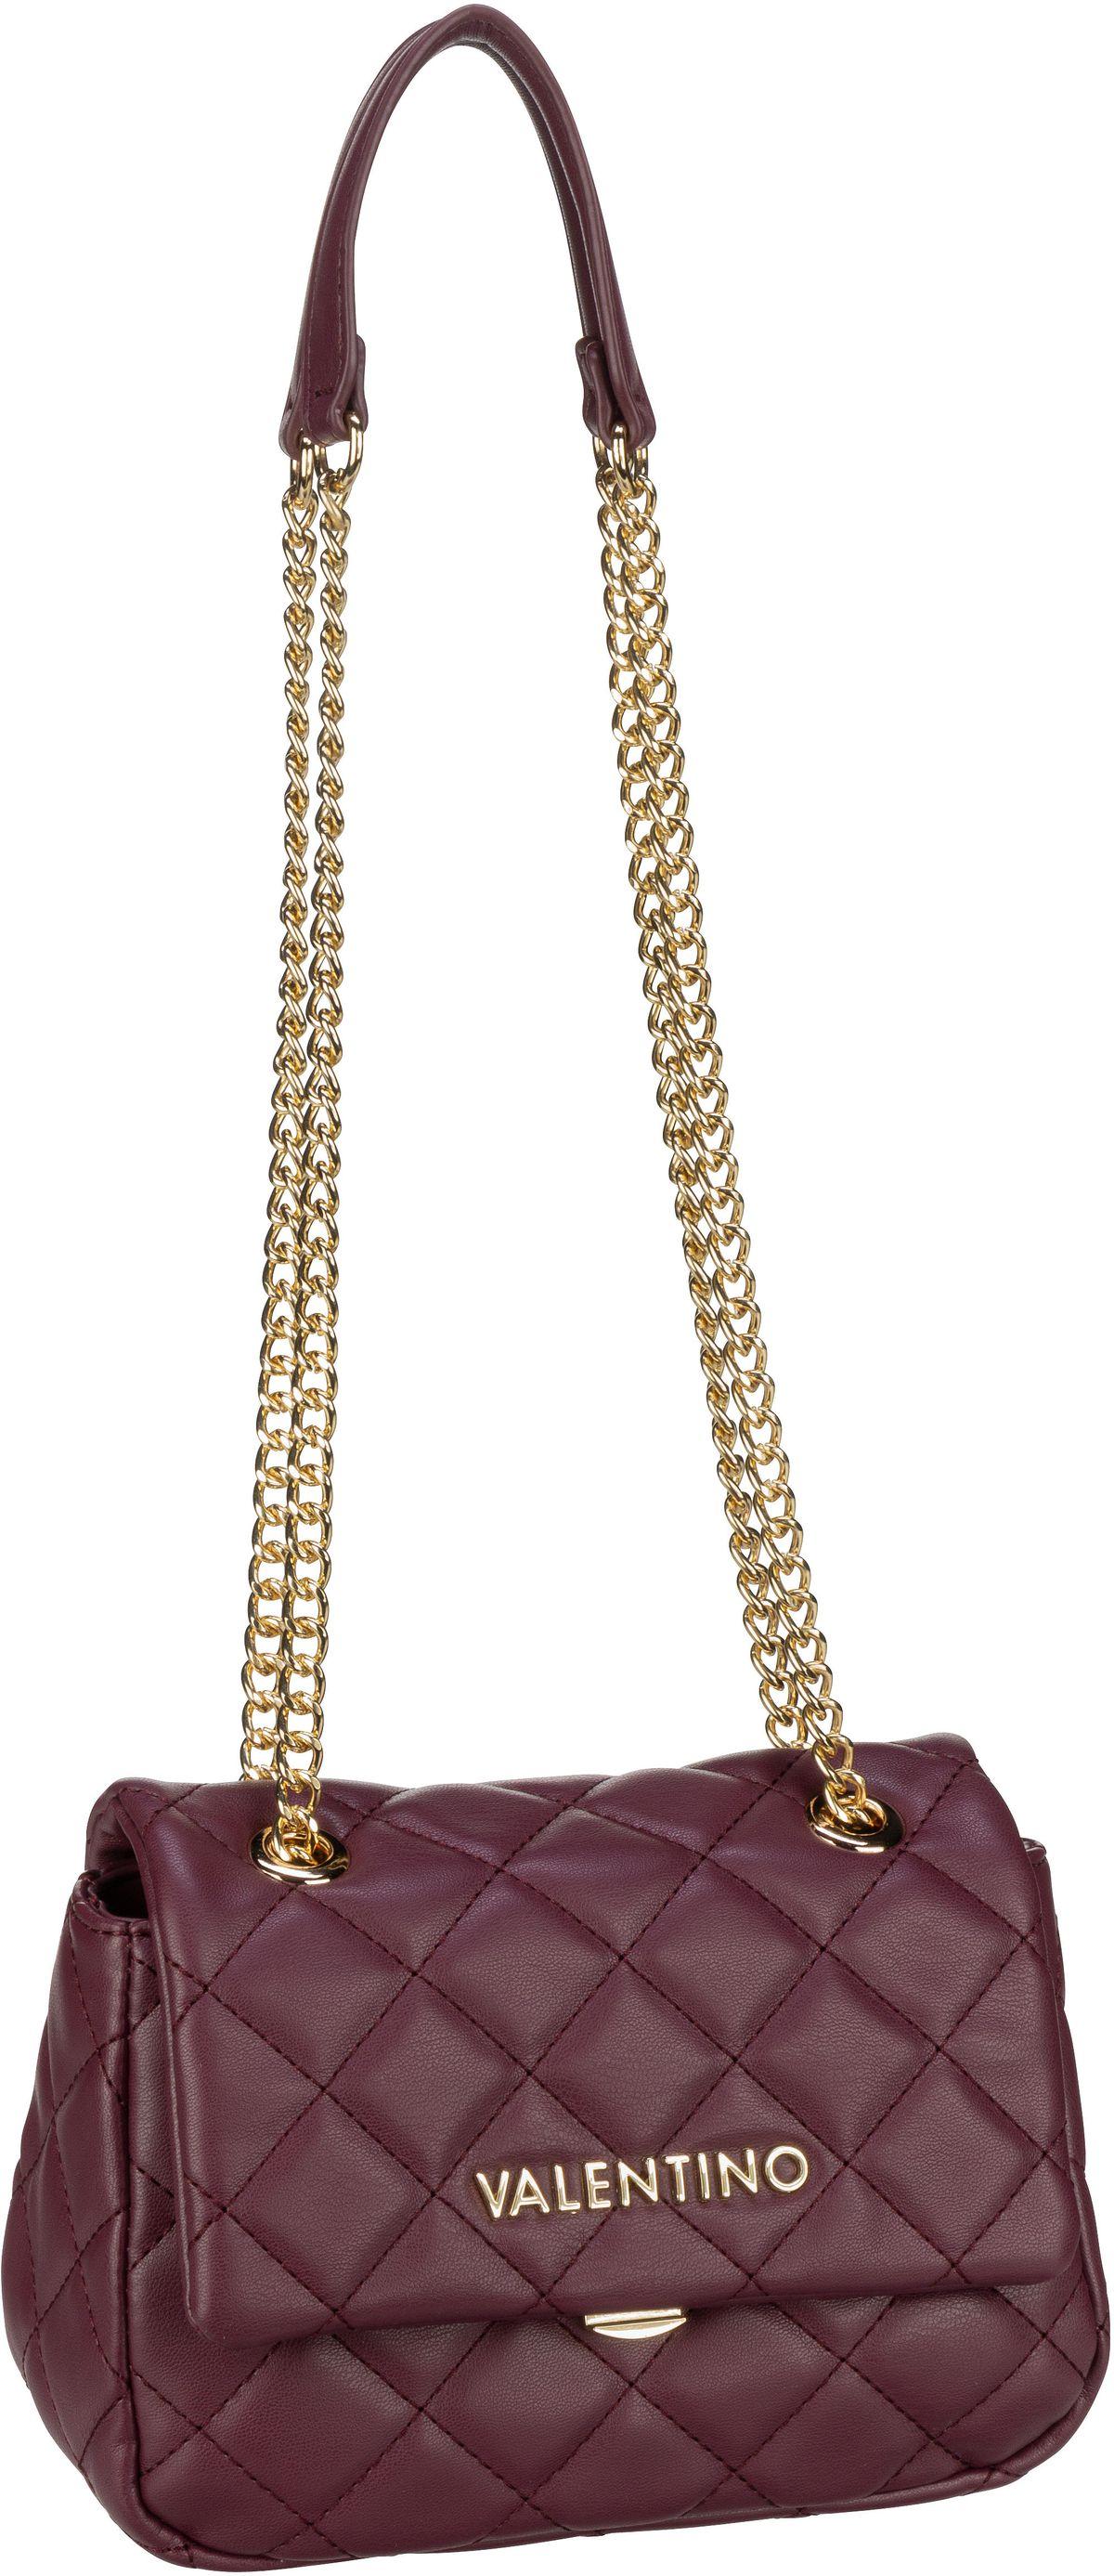 Bags Handtasche Ocarina Pattina K05 Vino